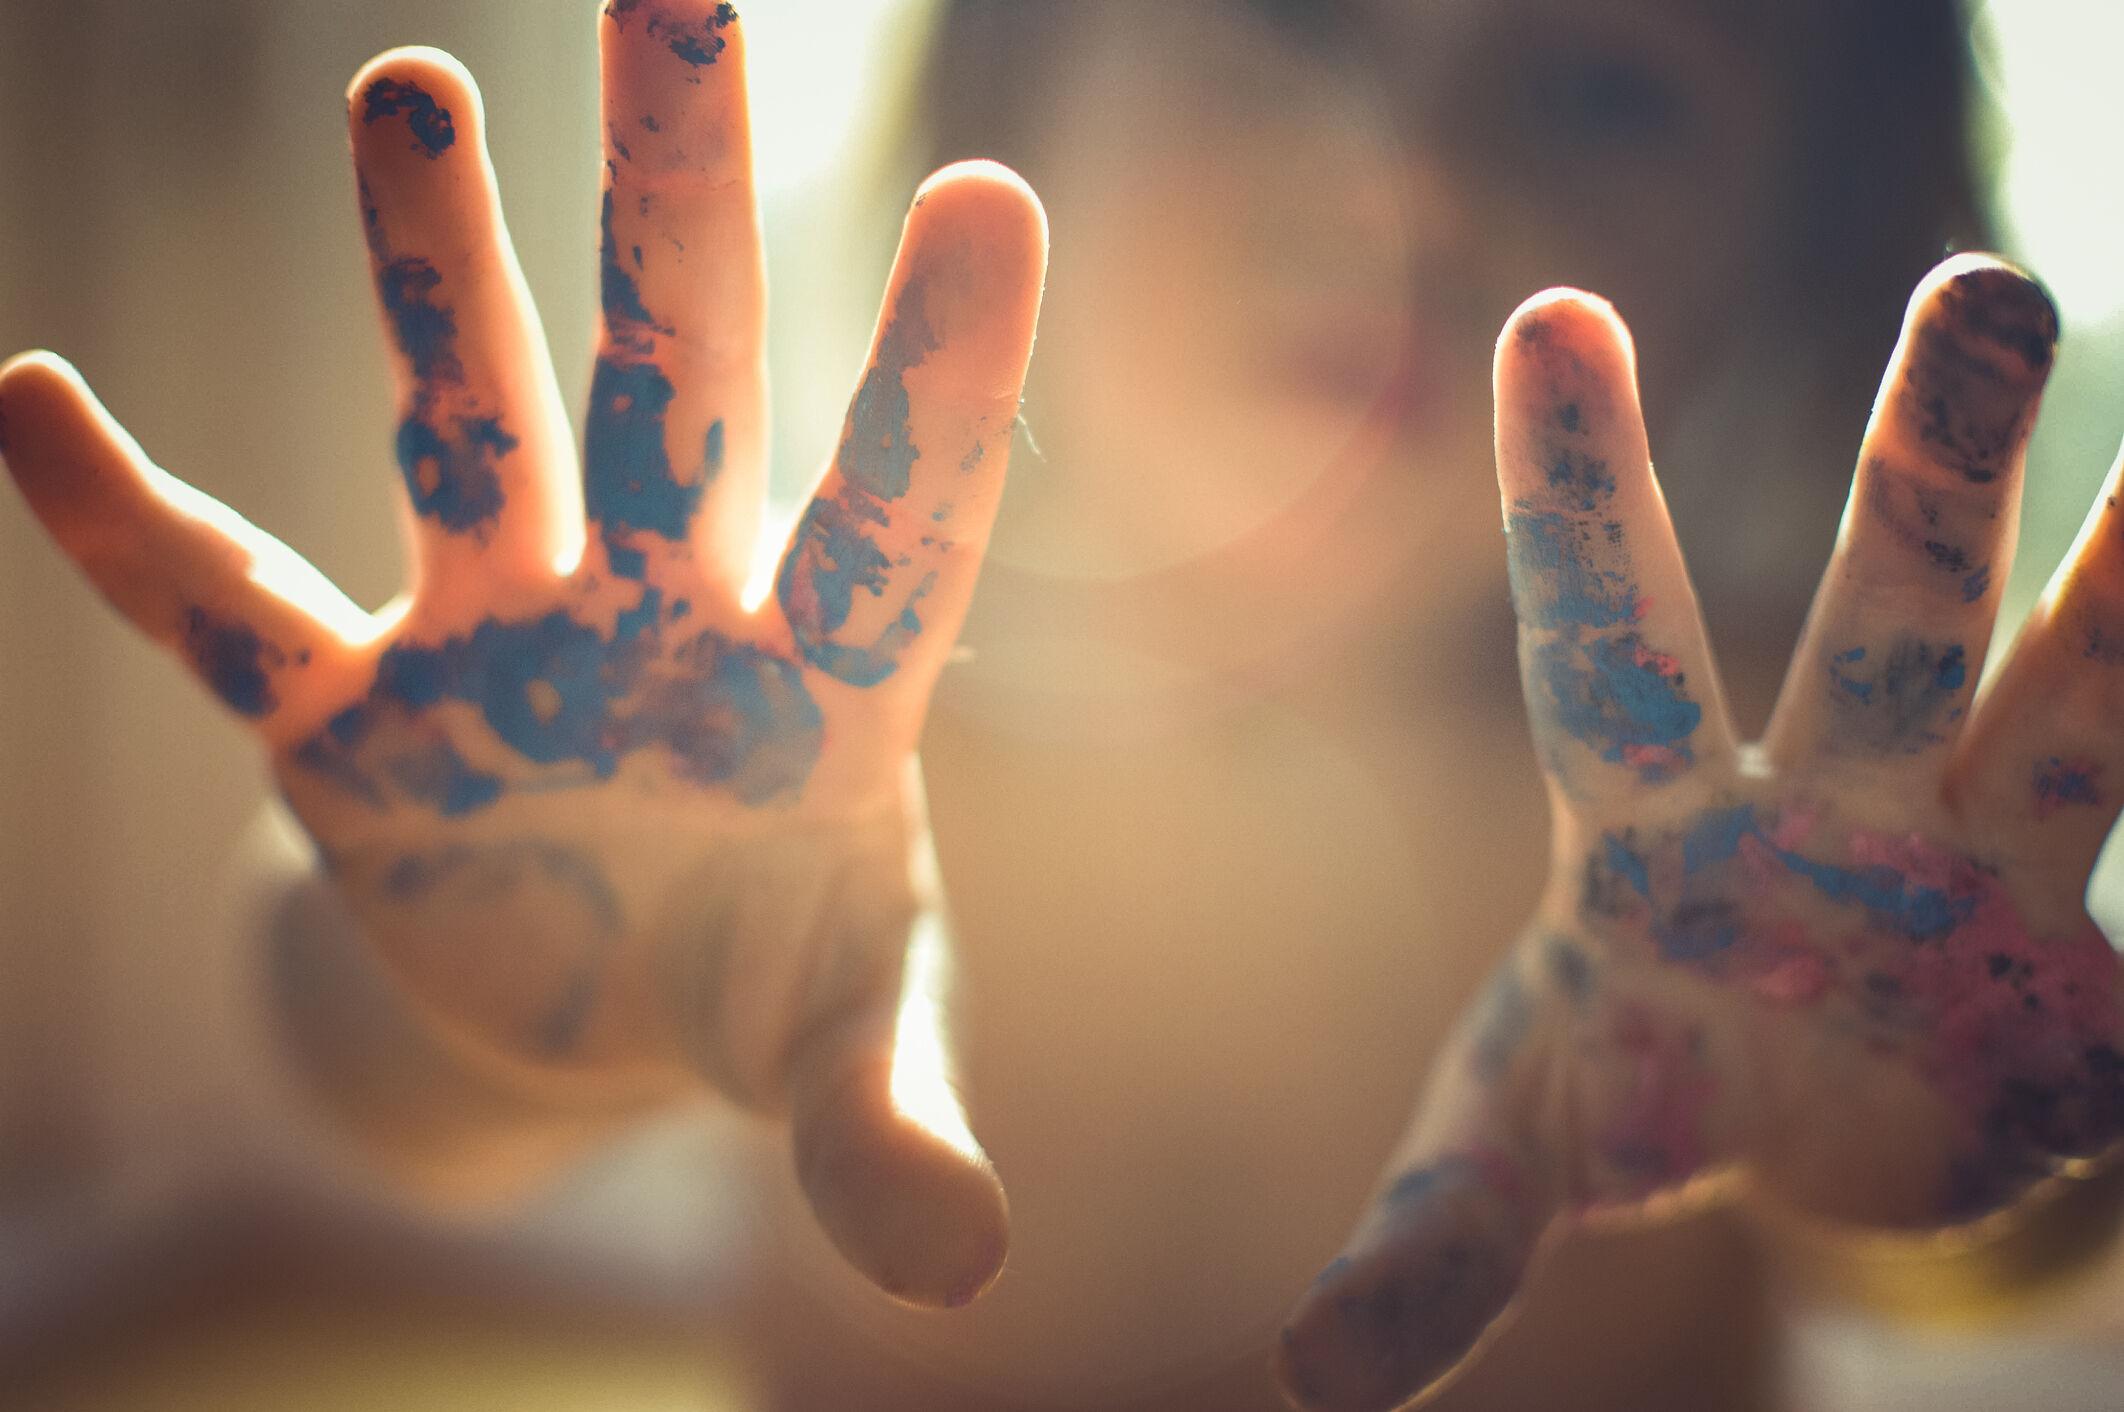 Criança com as mãos sujas